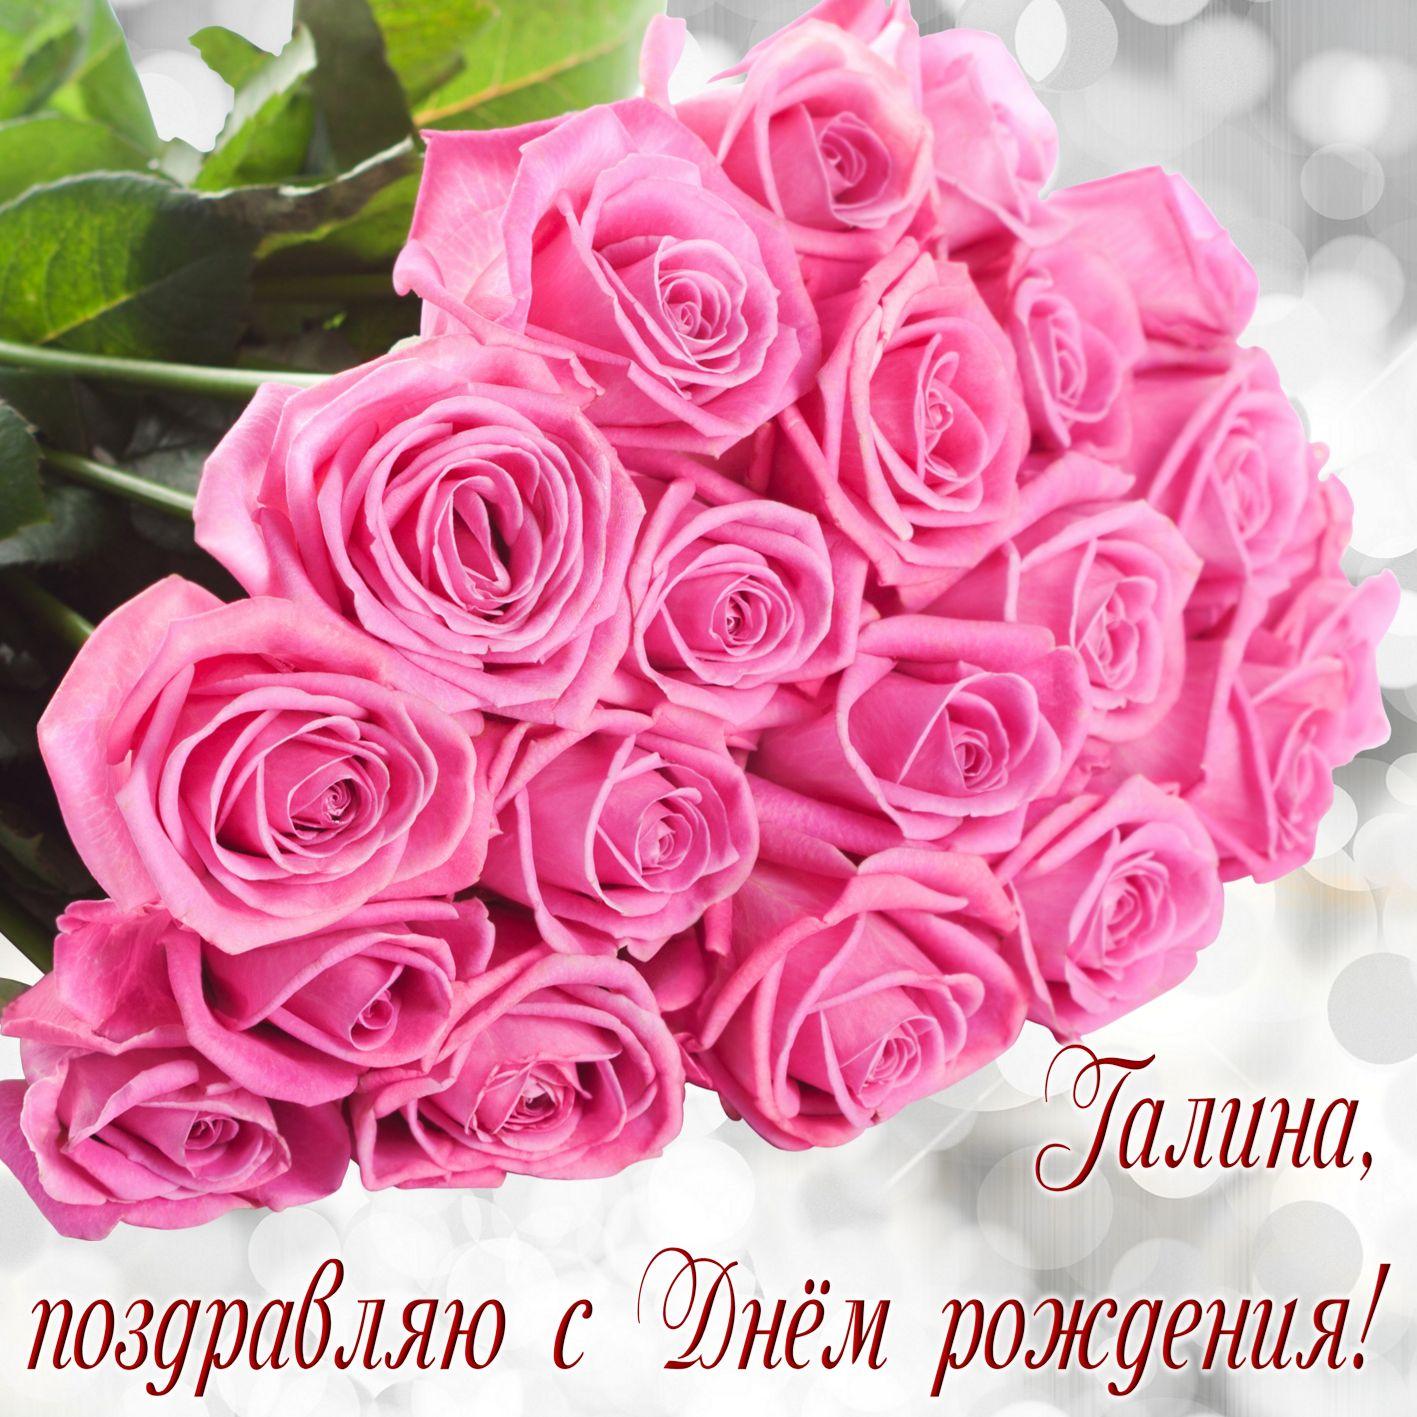 встретите красивый букет роз с поздравлением подобной обуви